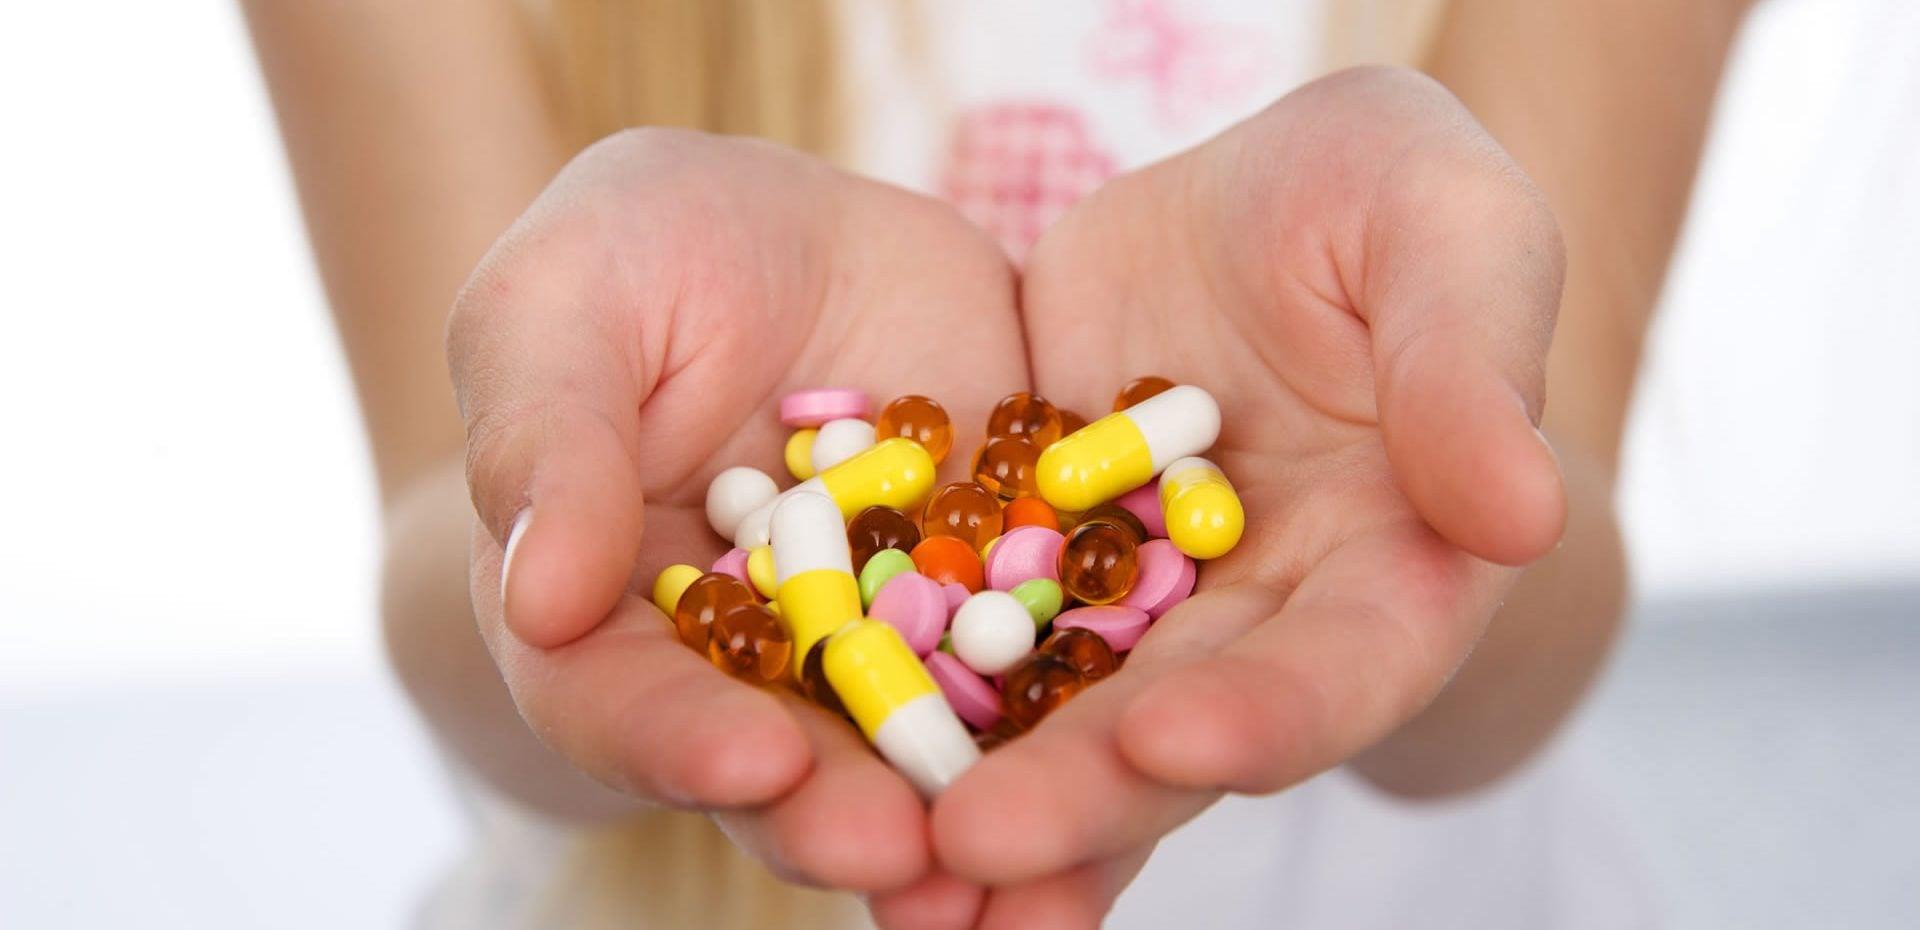 بیماران نباید تغییر مصرف یا زمان دارو را بدون مشورت پزشک را انجام دهند